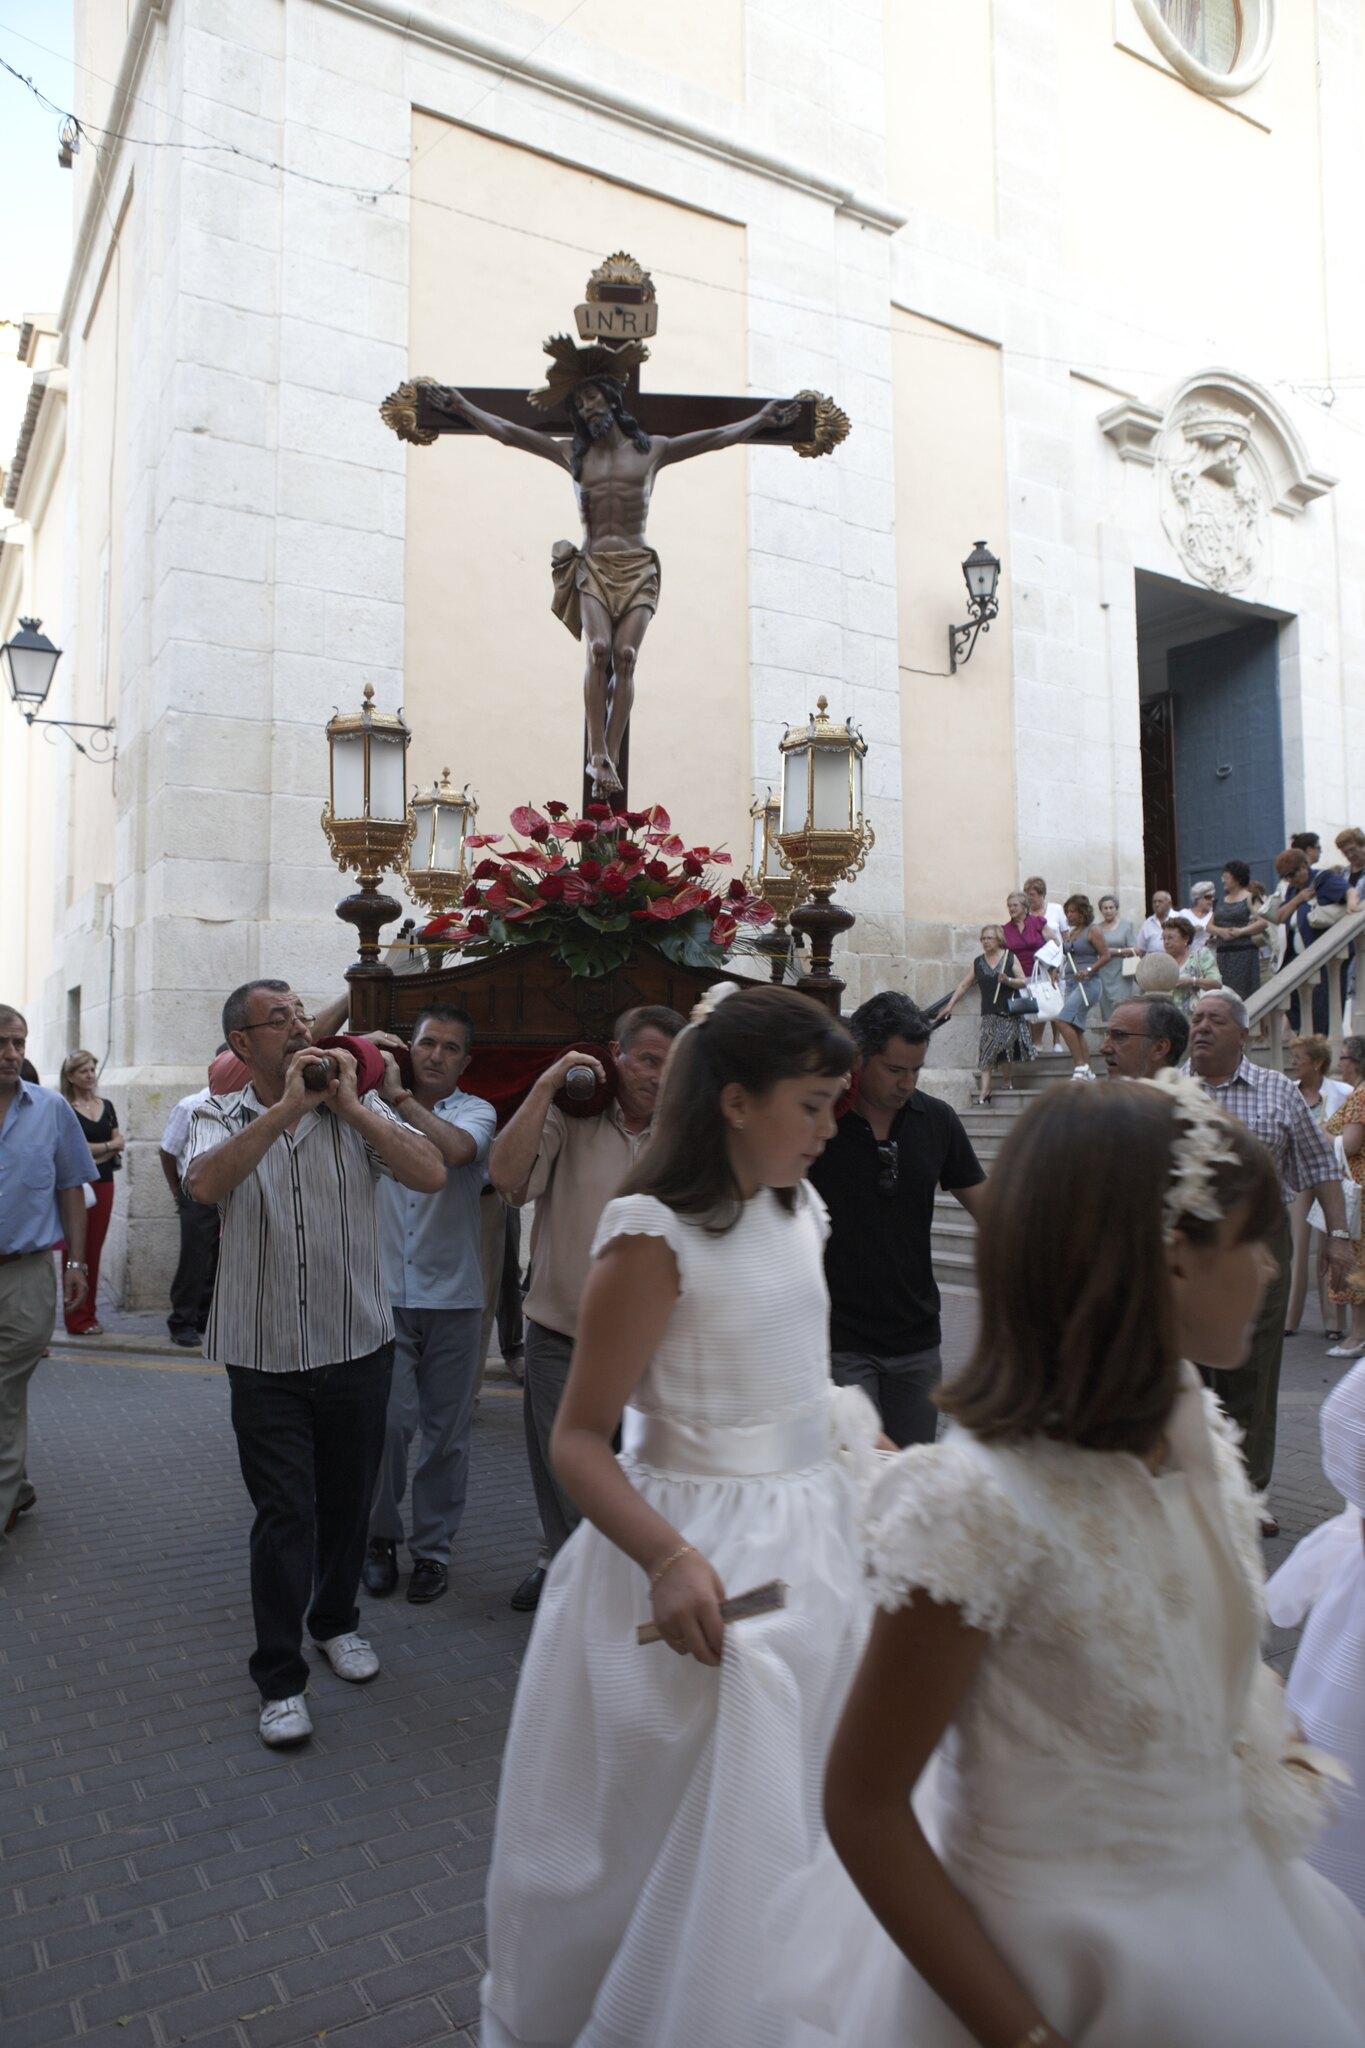 (2009-07-05) Procesión de subida - Heliodoro Corbí Sirvent (15)